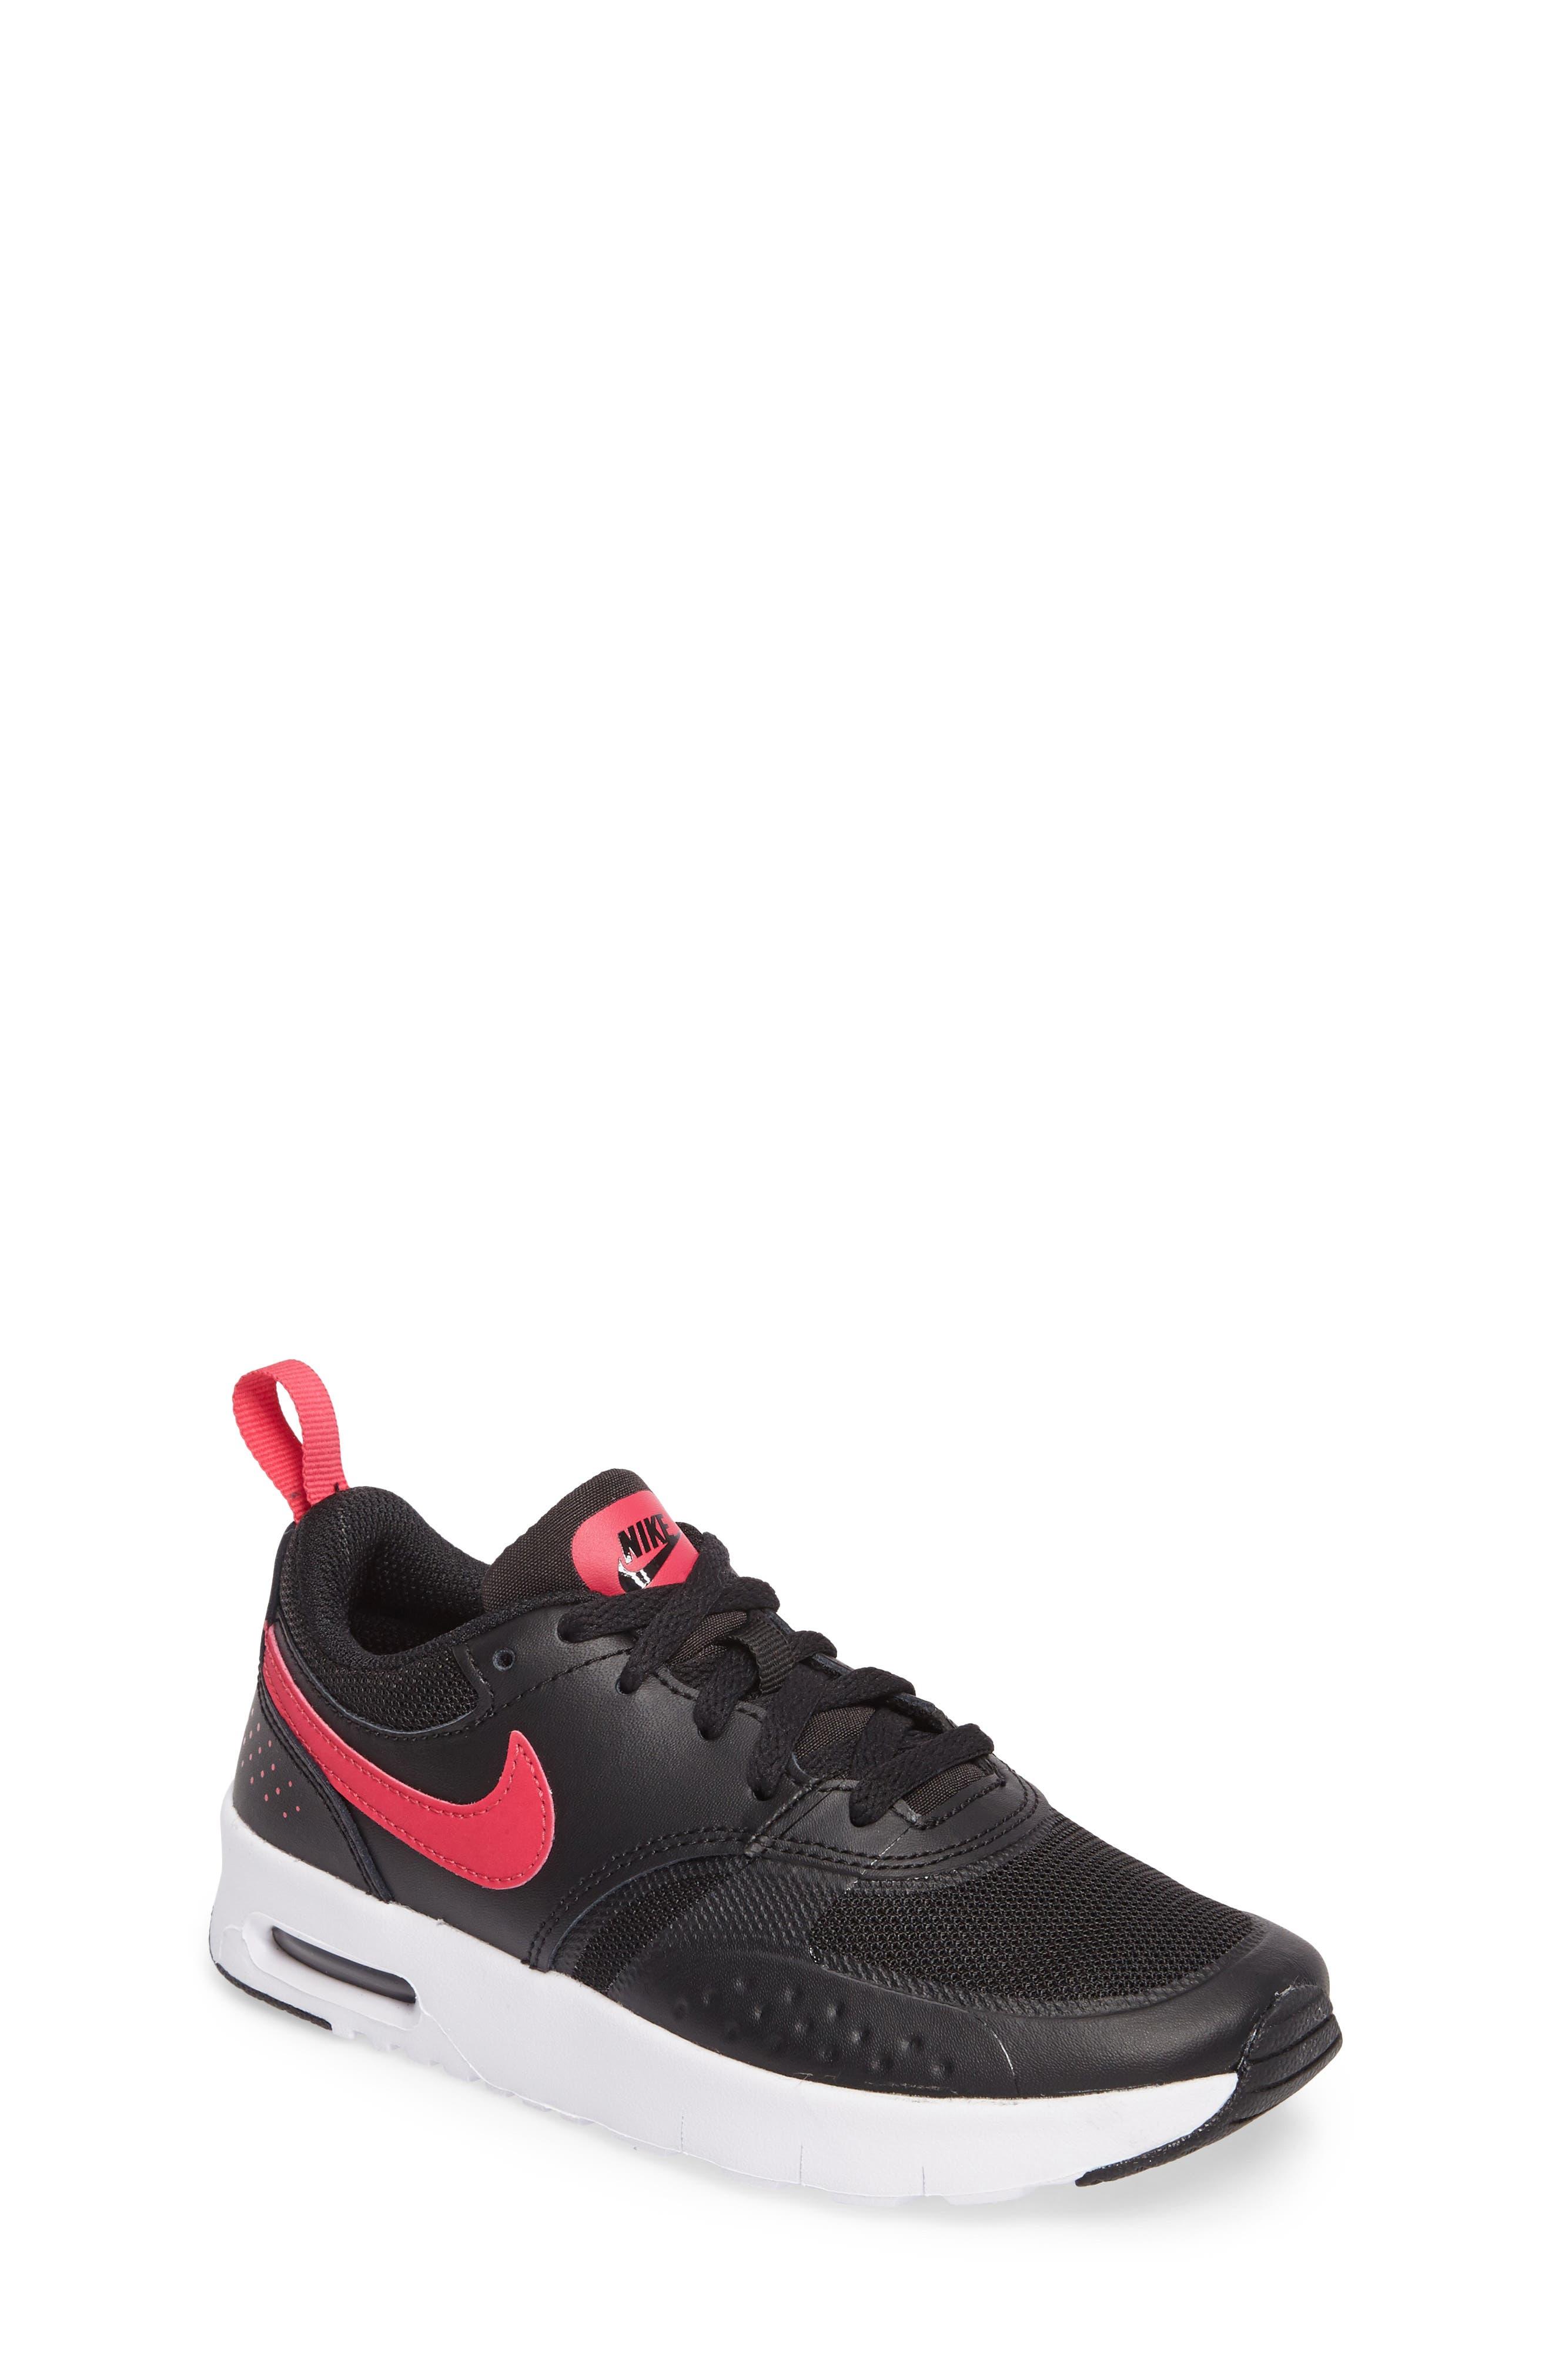 Air Max Vision Sneaker,                         Main,                         color, Black/ Pink